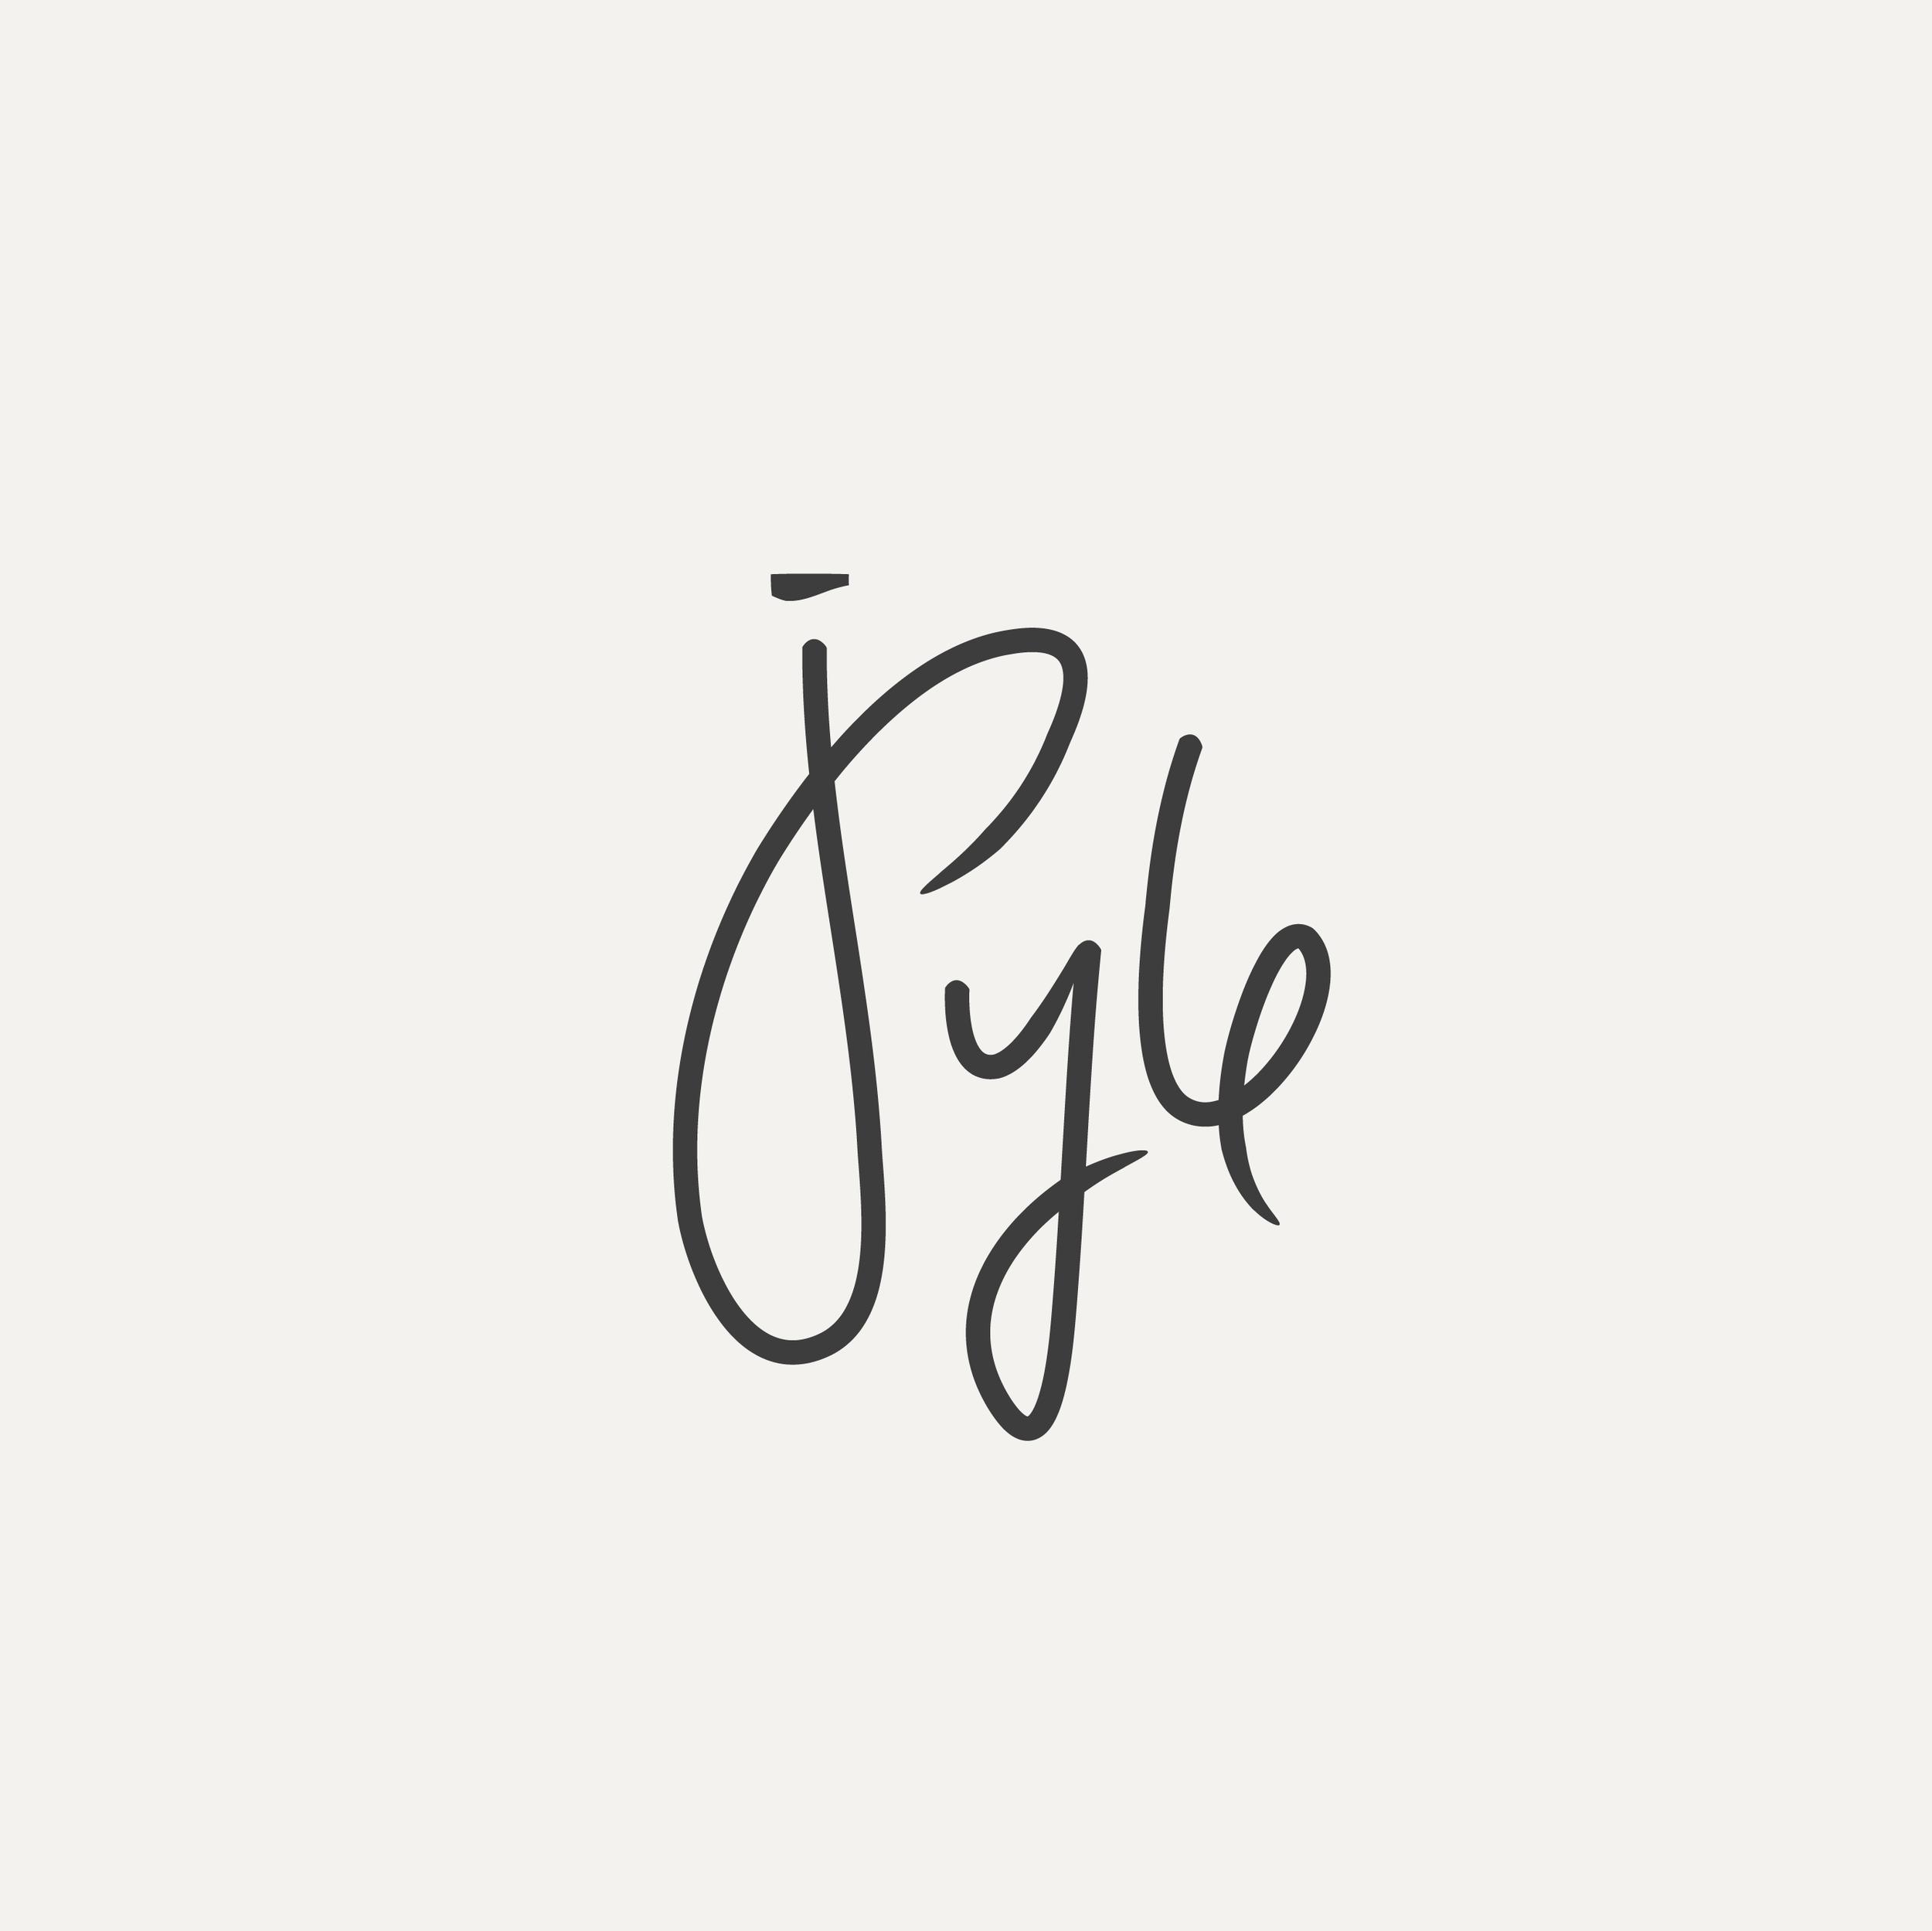 John Pyle_Katie Loerts Design copy.png